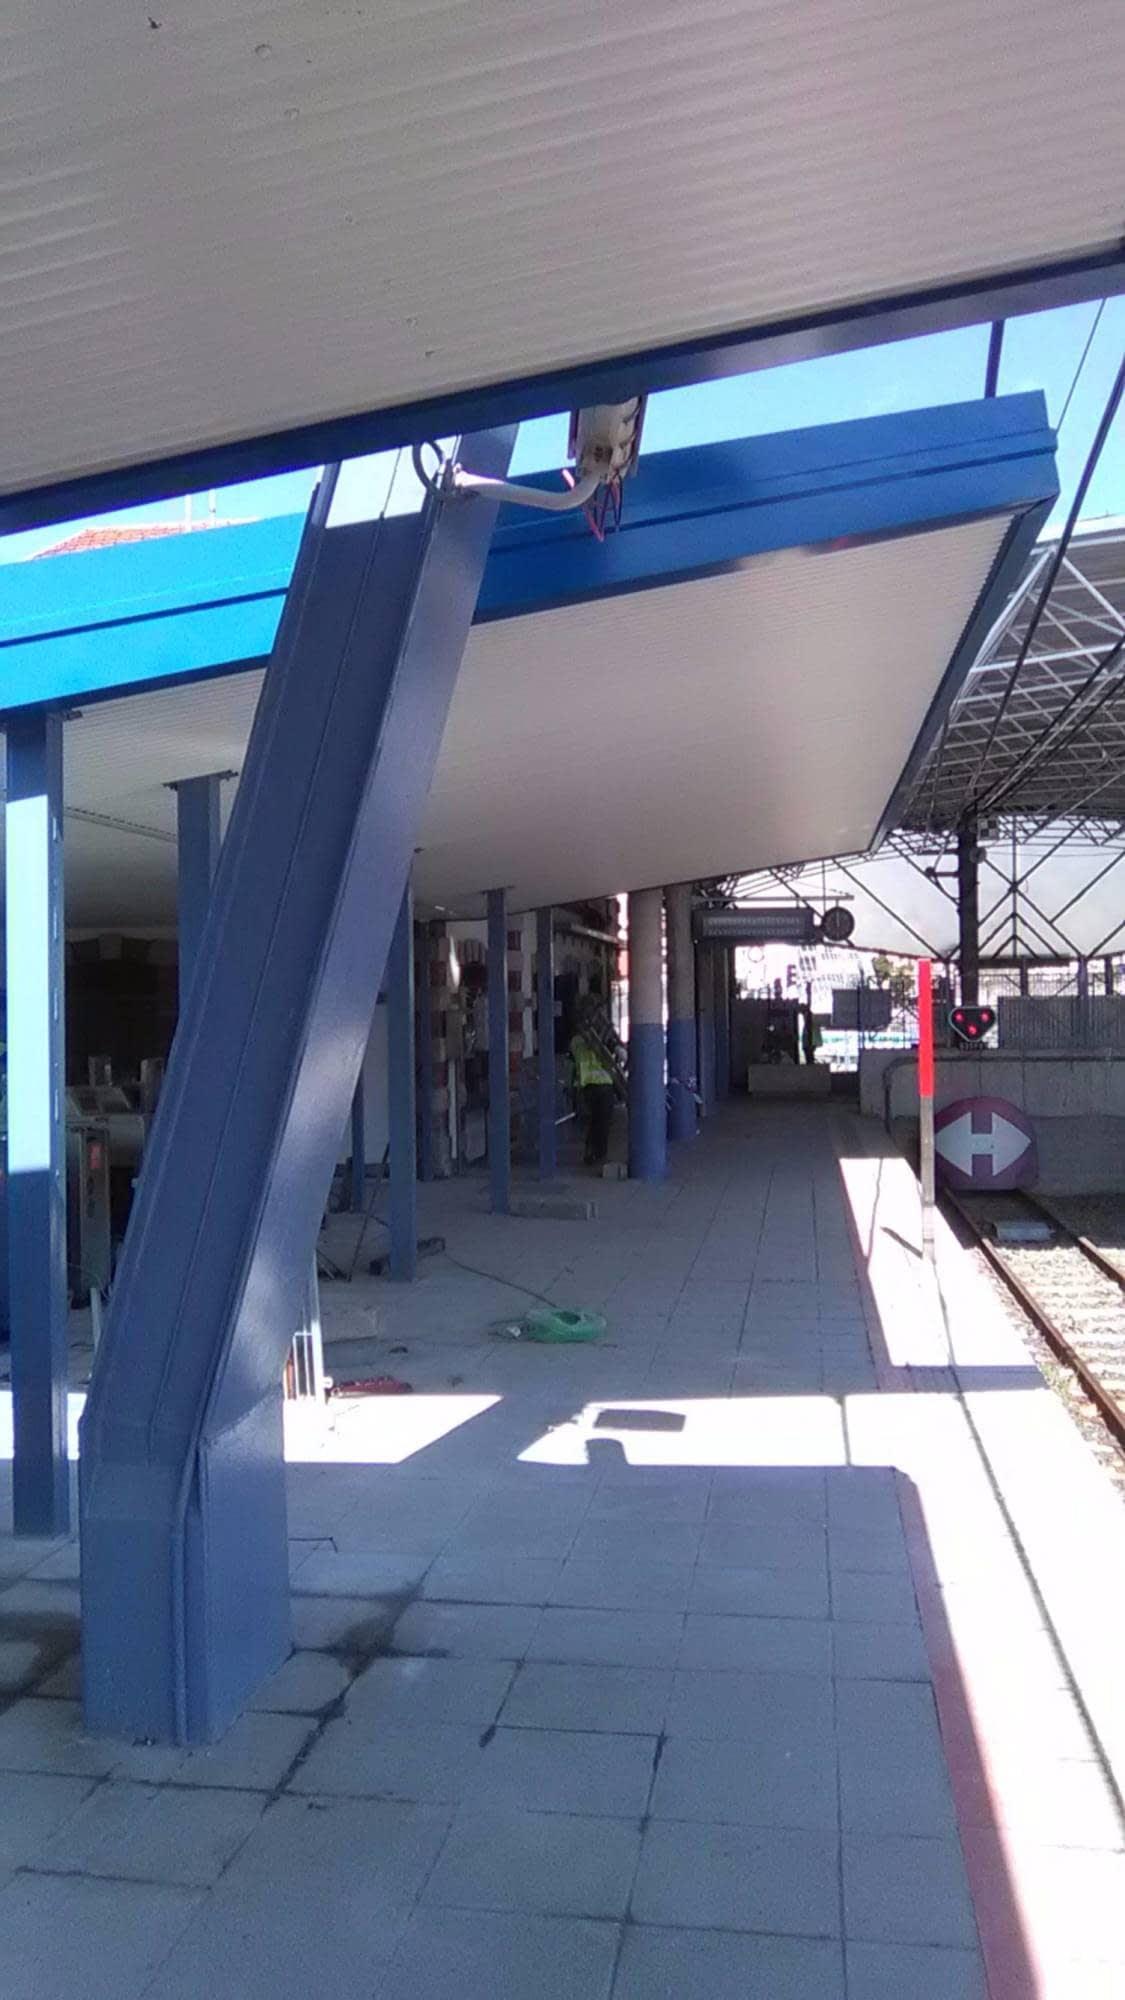 Estación de metro de Plentzia